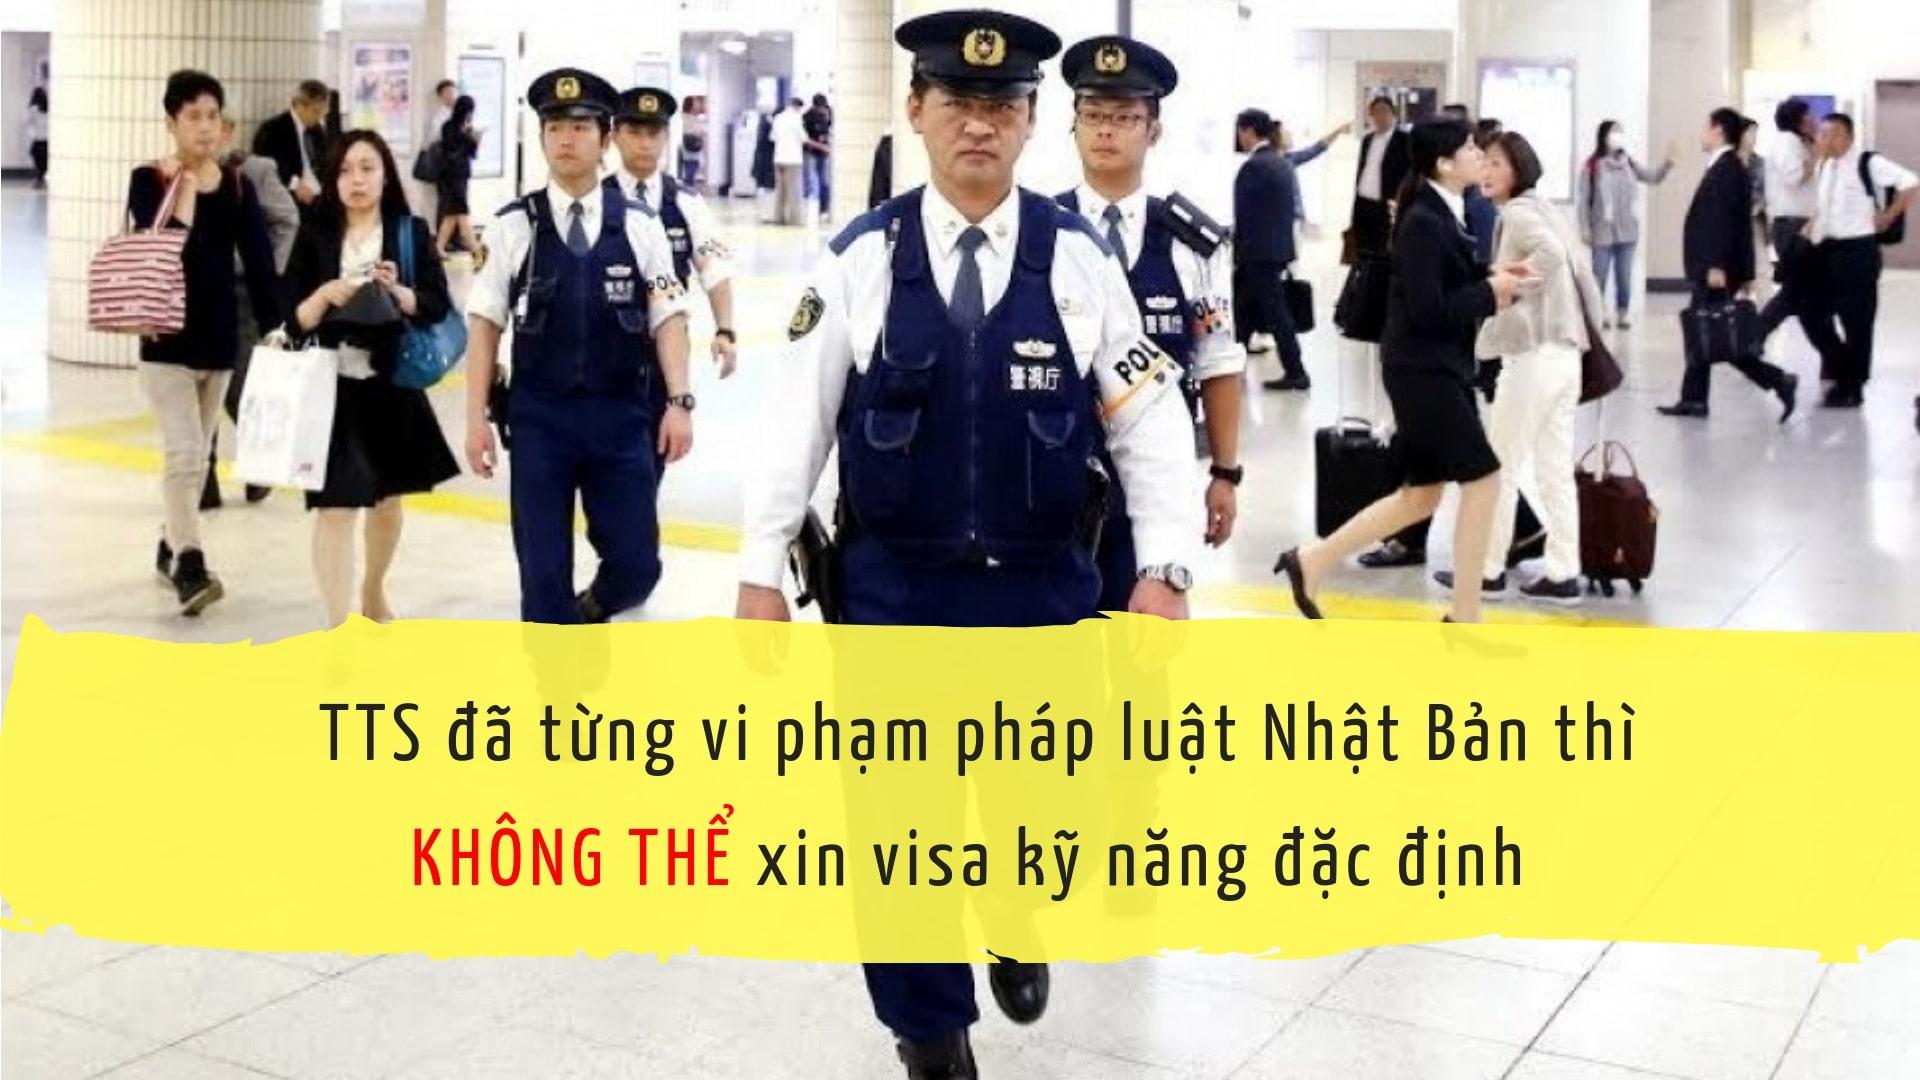 TTS đã về nước thì có thể xin visa kỹ năng đặc định được không?